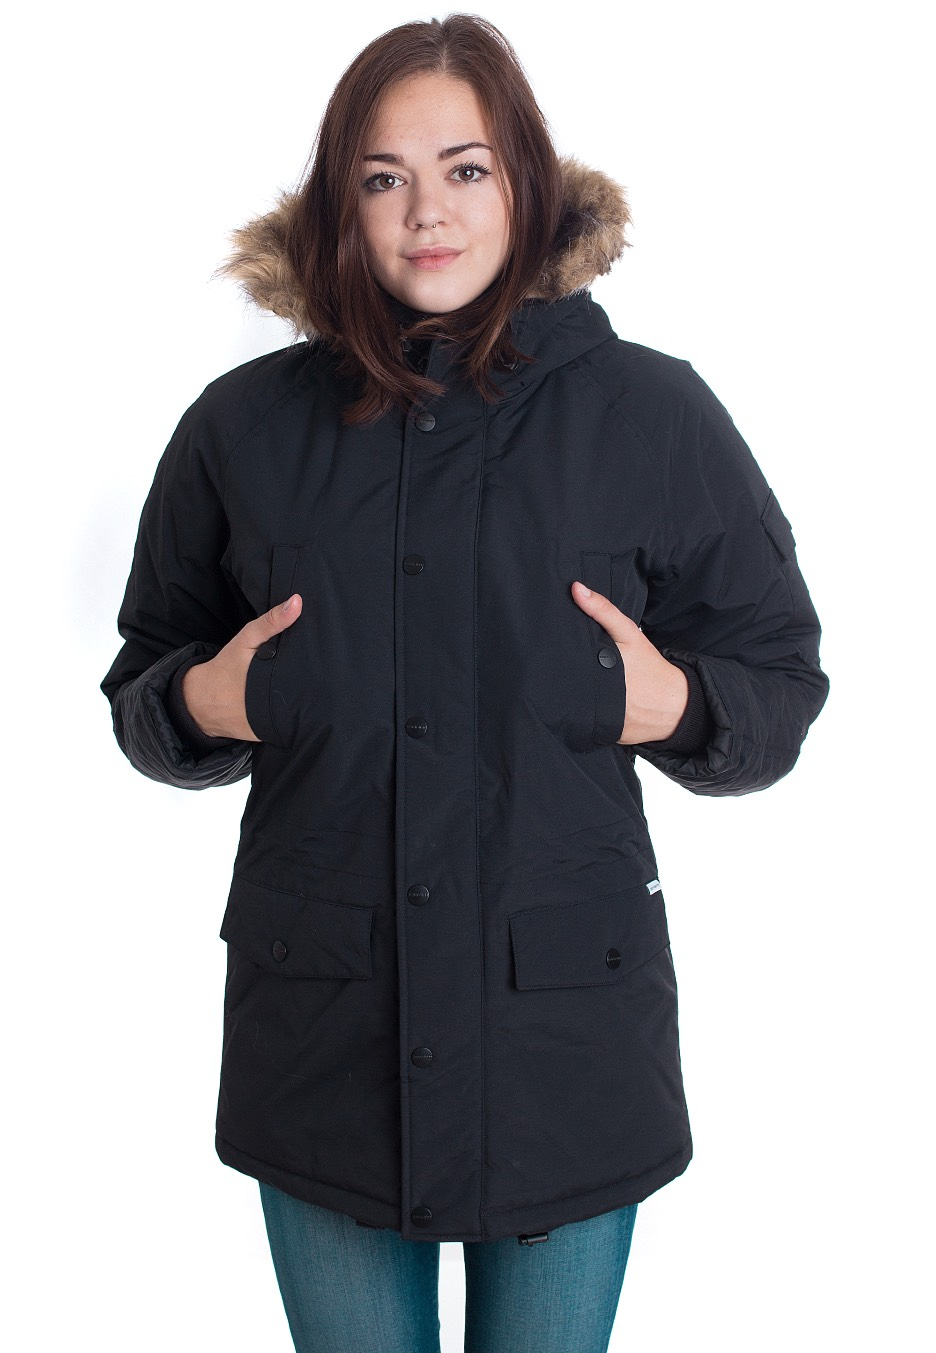 Jacken für Frauen - Carhartt WIP W' Anchorage Parka Black Black Jacken  - Onlineshop IMPERICON